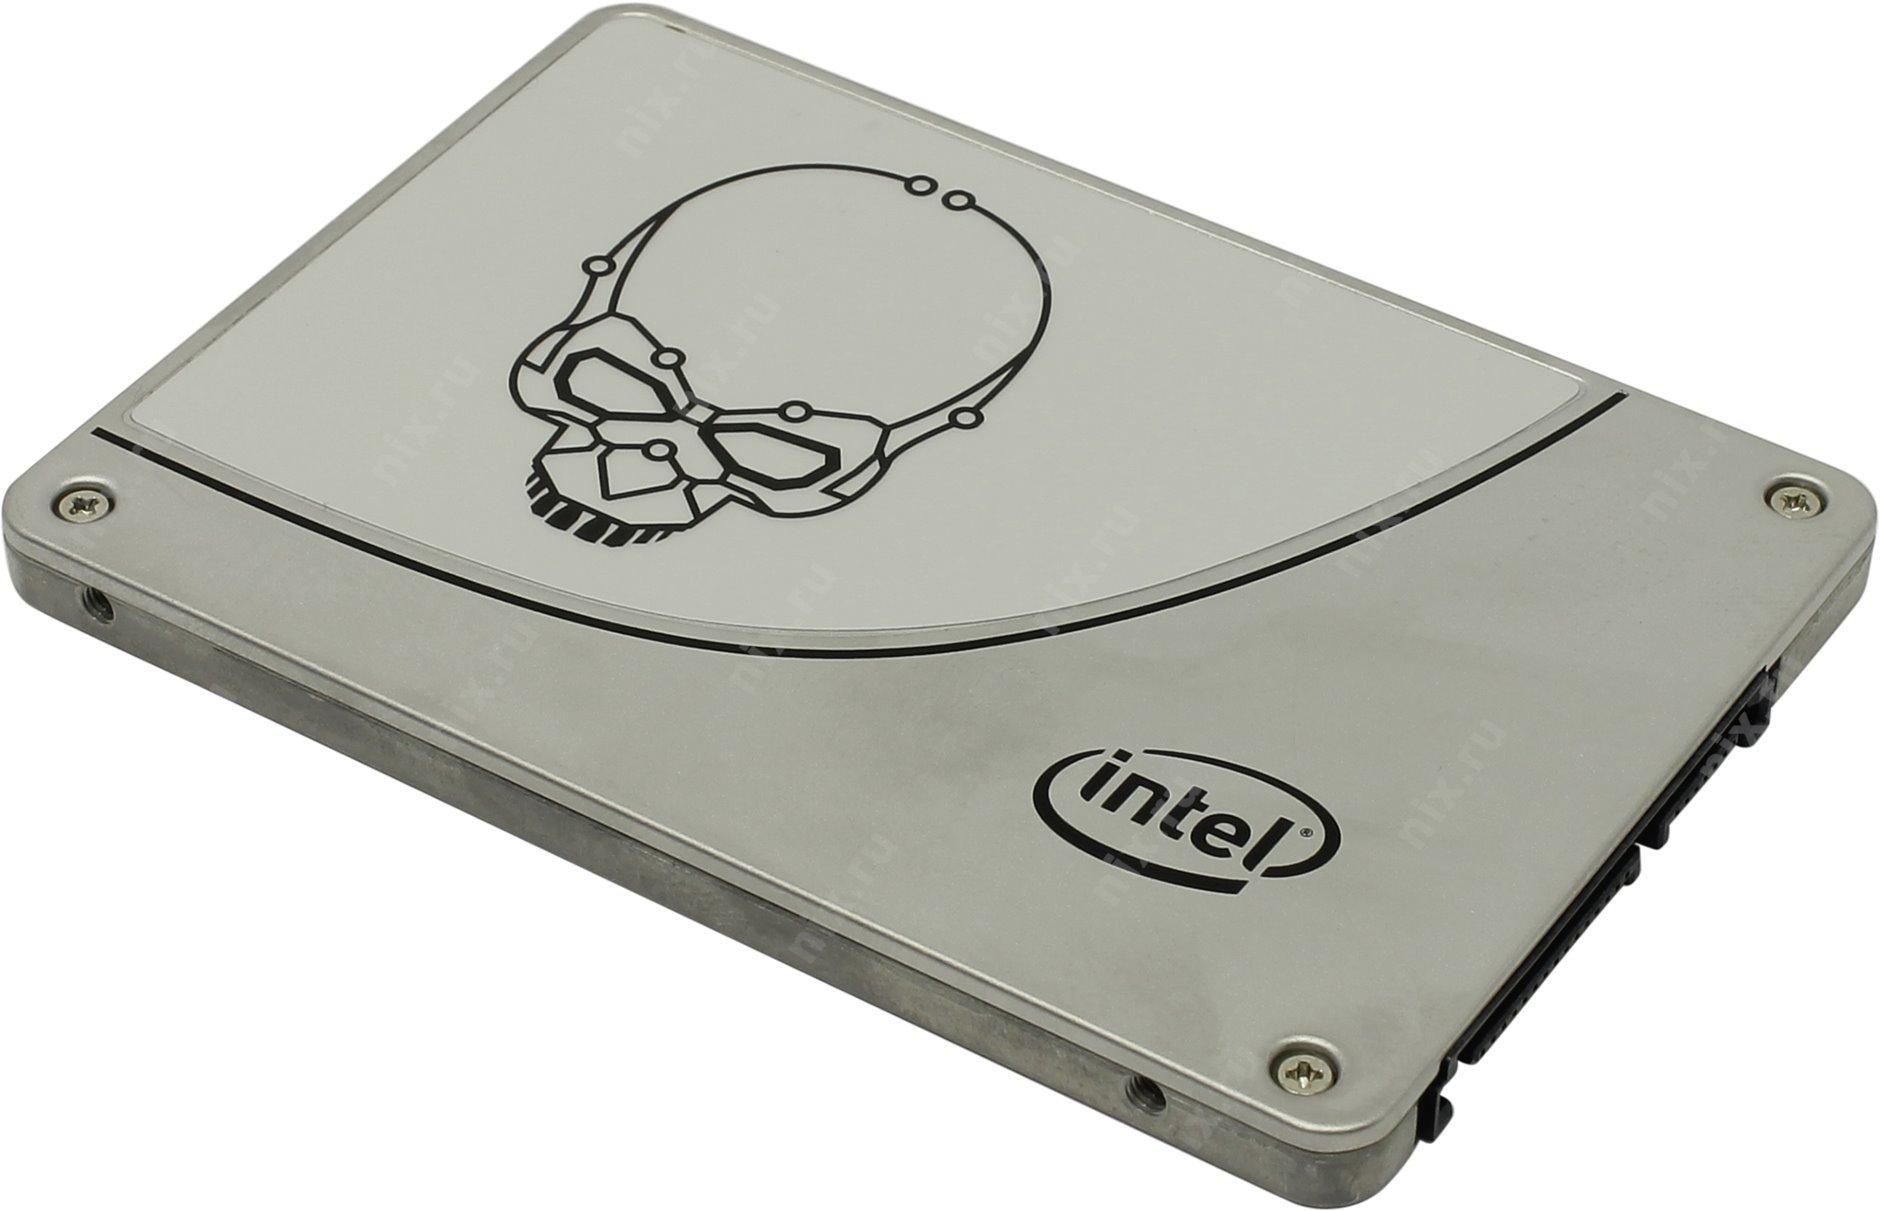 Рис.5. Надёжная модель от Intel